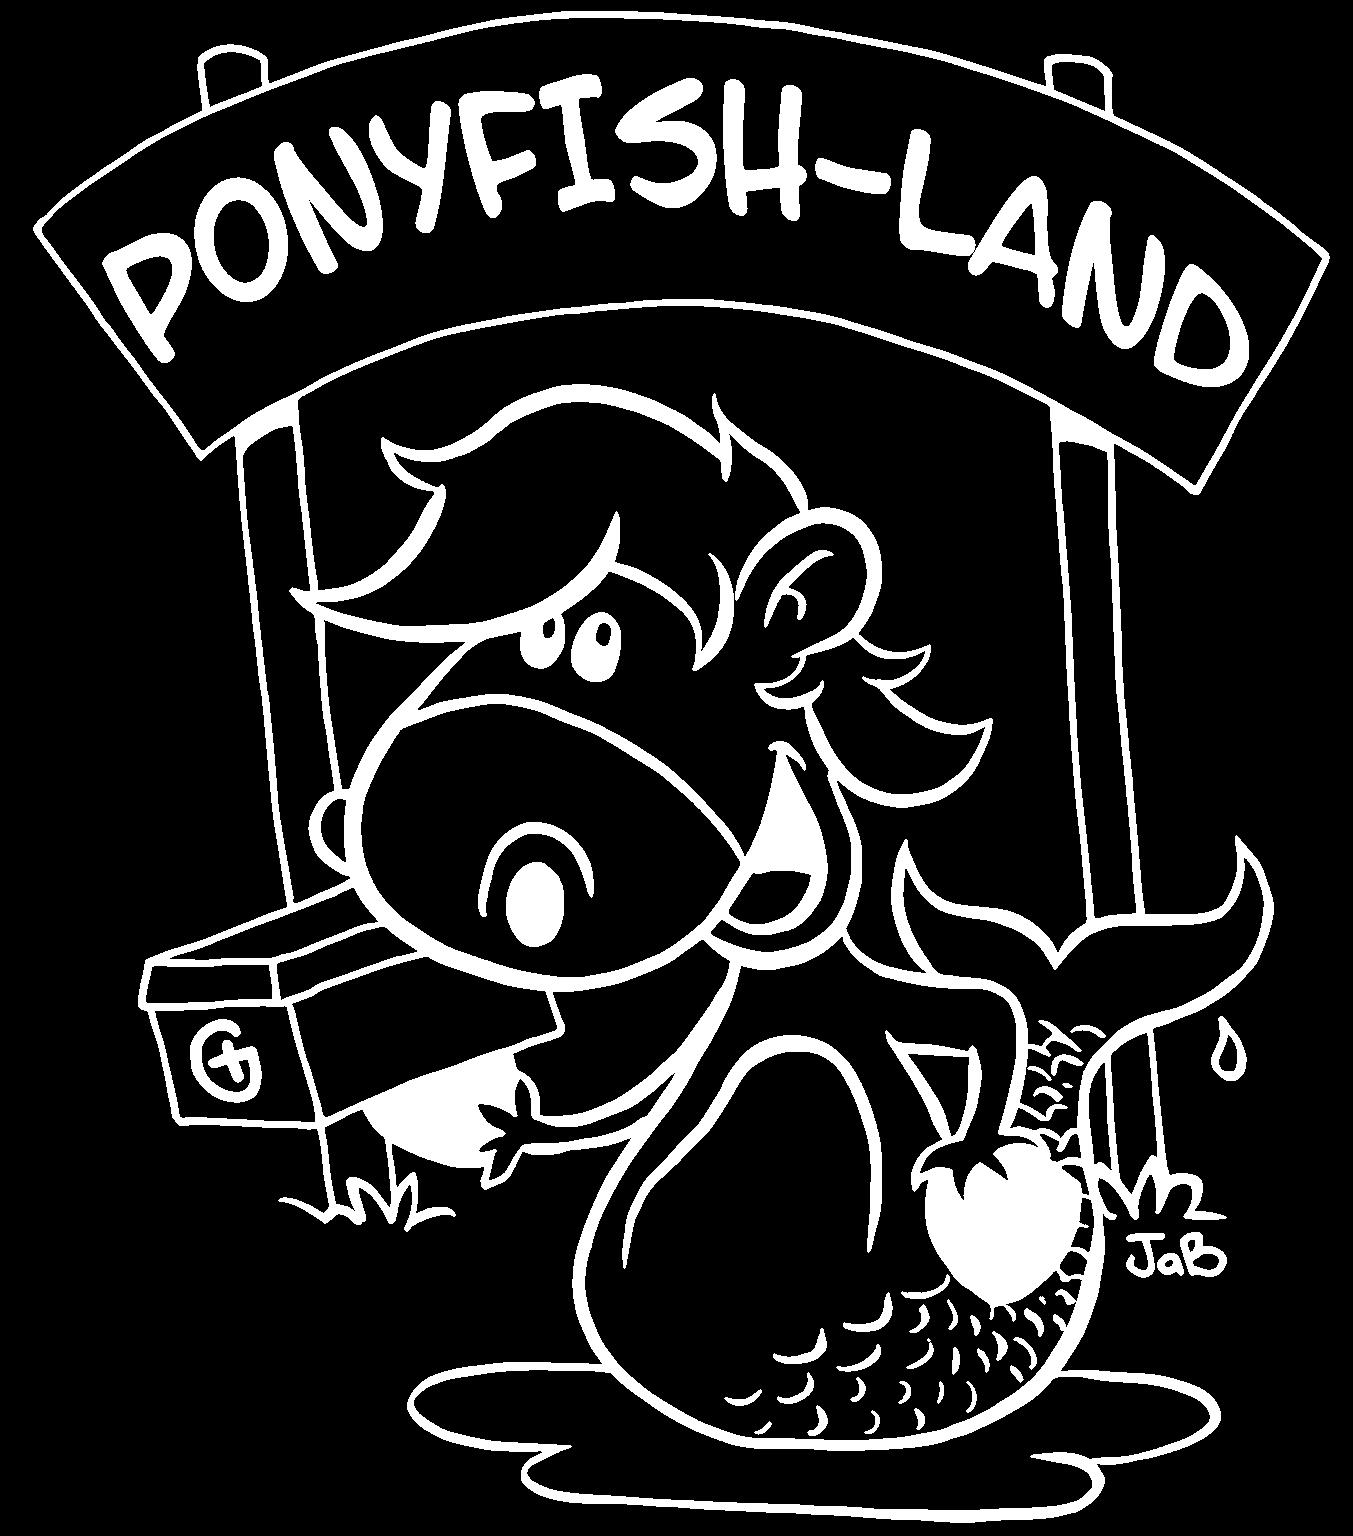 Der_Ponyfish online…